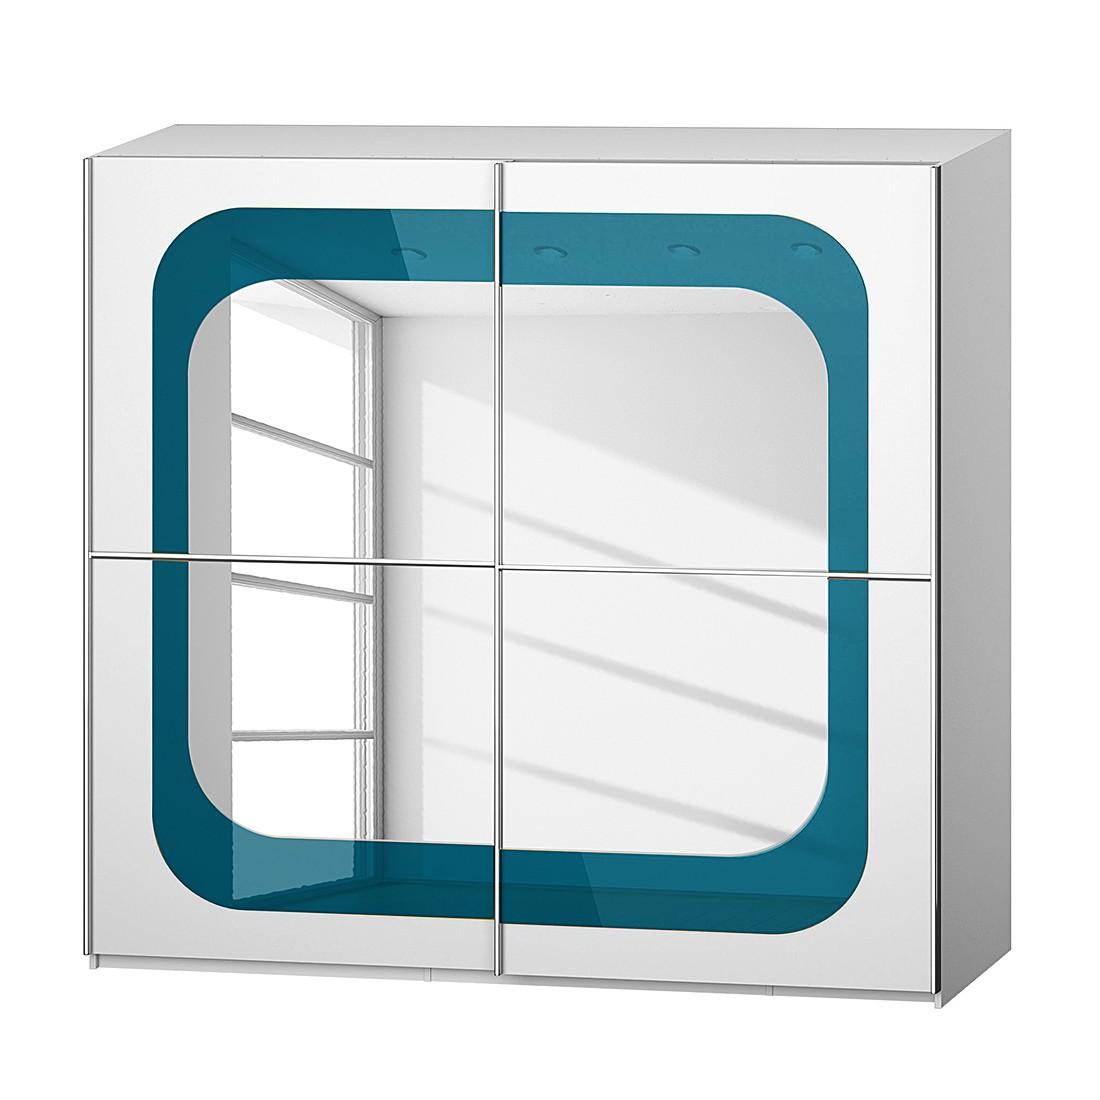 Armoire à portes coulissantes Lumos - Blanc alpin / Pétrole - 226 cm (2 portes) - 223 cm, Rauch Dial